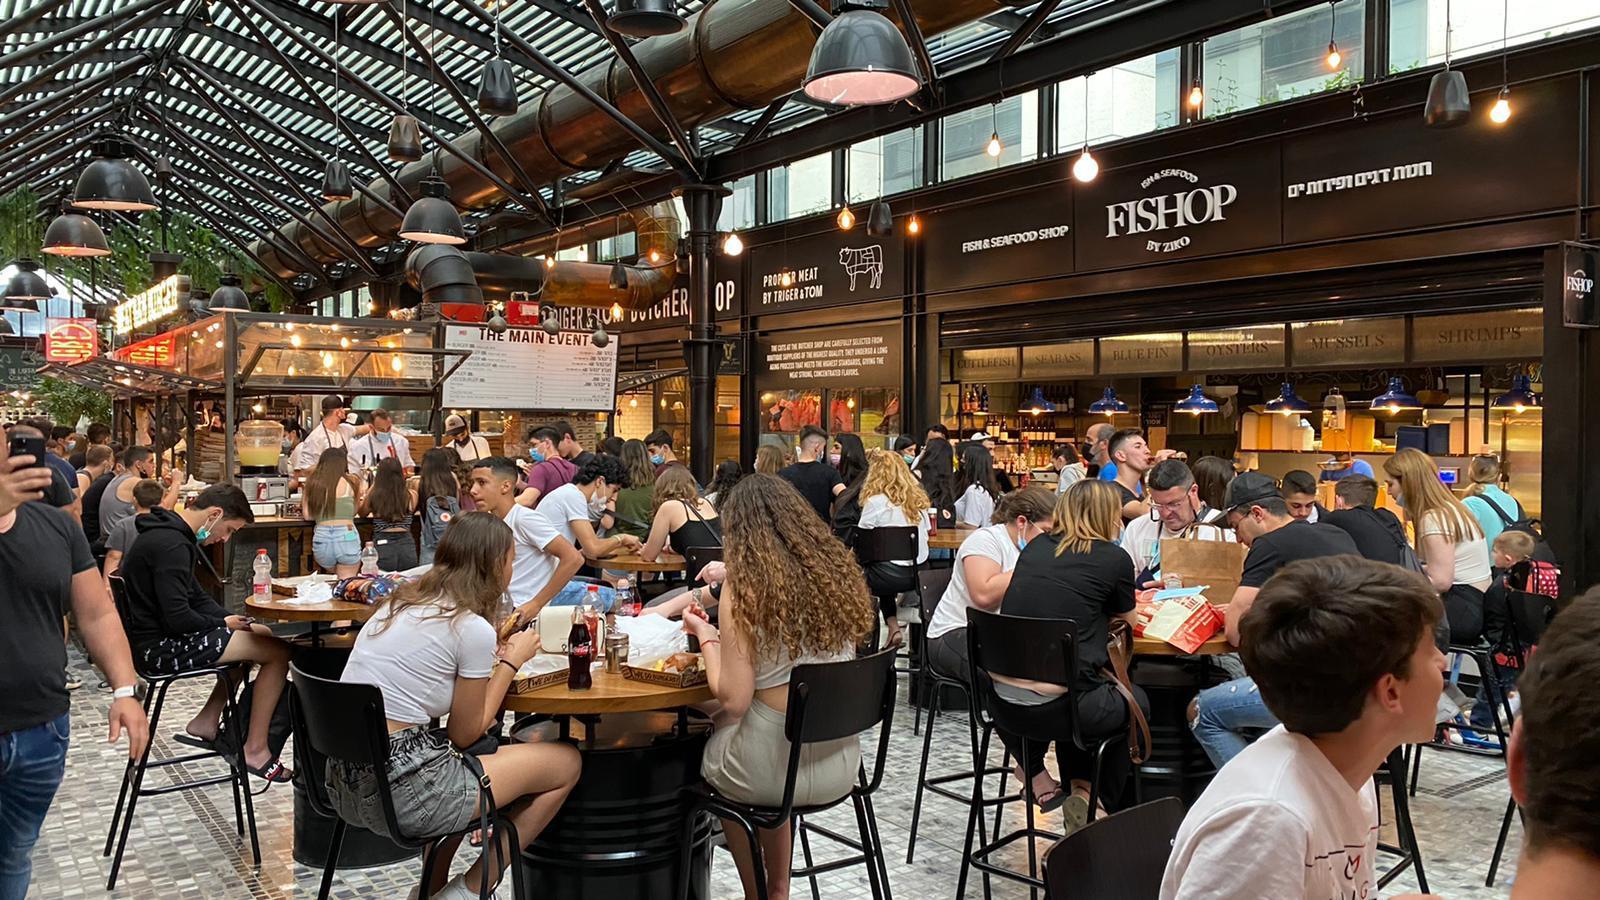 שרונה מרקט בתל אביב - מלא במבקרים / צילום: ביג מרכזי קניות